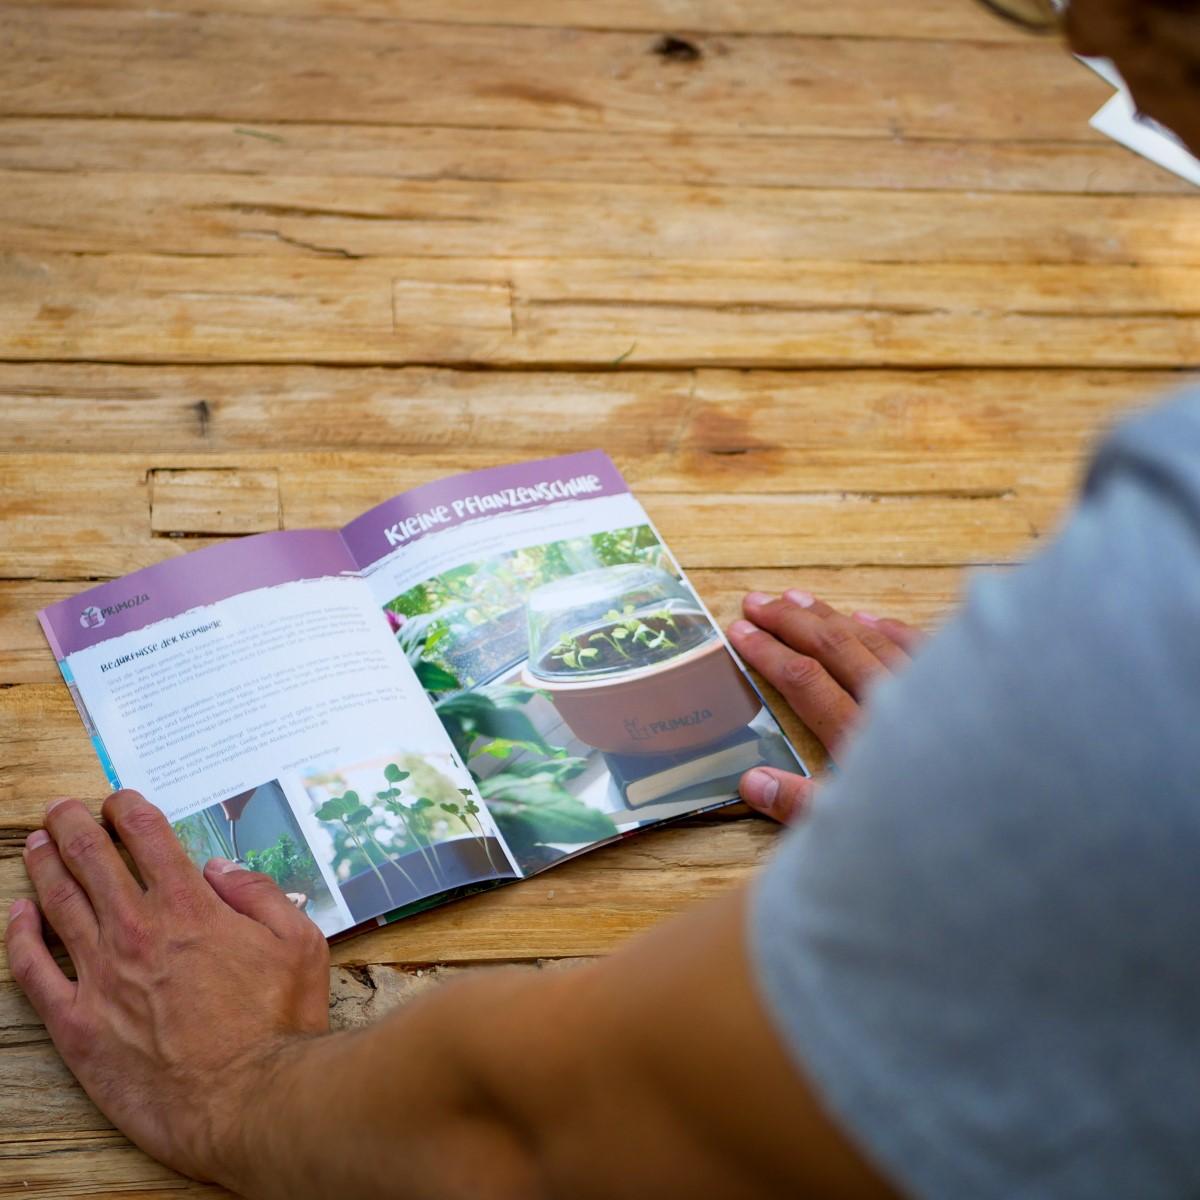 Eine Broschüre mit Einpflanz- und Anzuchttipps liegt geöffnet auf einem Holztisch. Ein Mensch liest sie gerade.